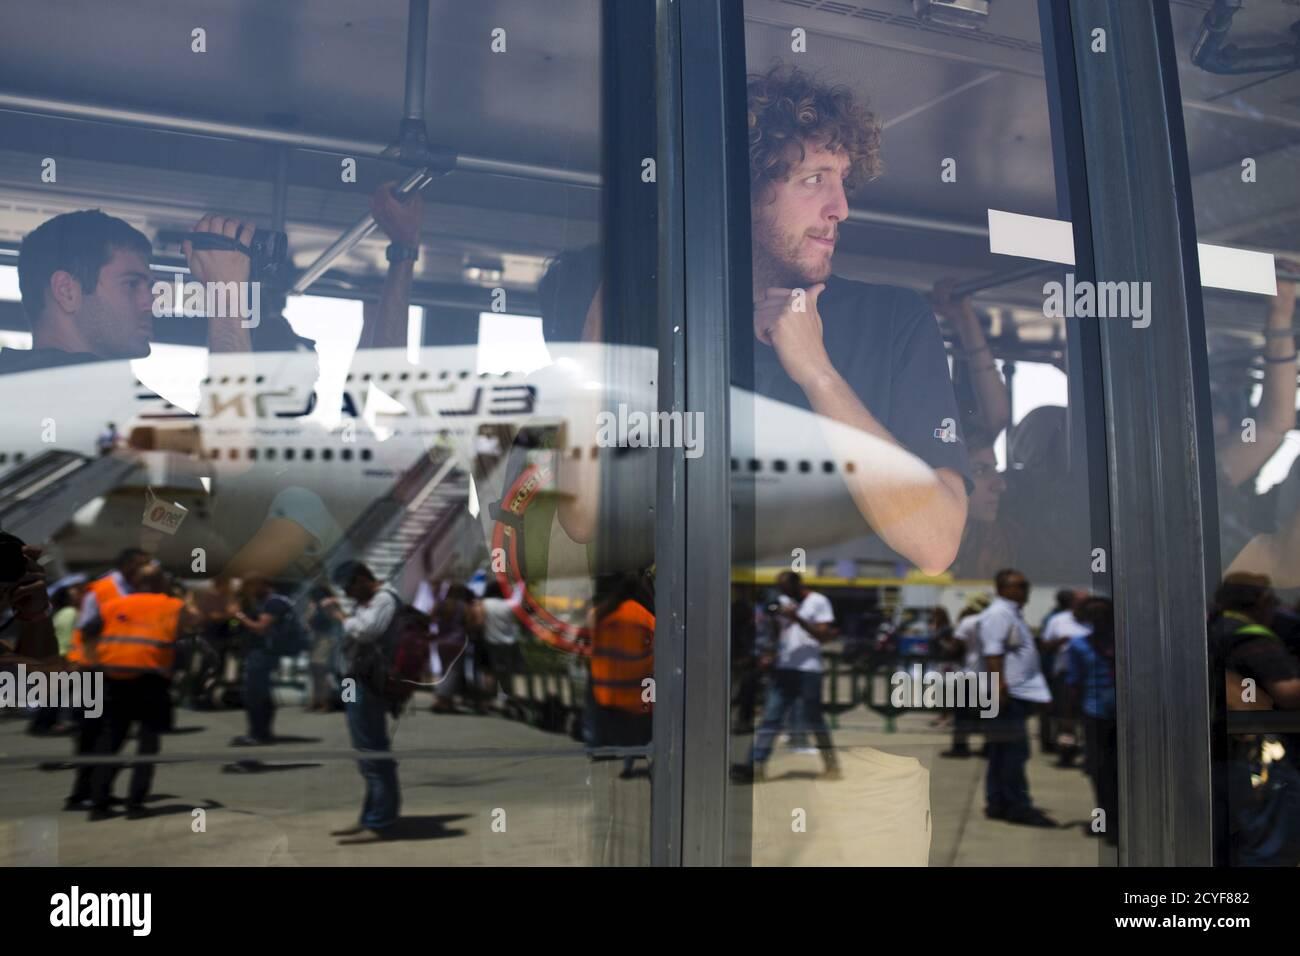 Israelíes evacuados de Nepal se encuentran a bordo de un autobús después de aterrizar en el aeropuerto internacional Ben Gurion cerca de Tel Aviv, Israel 28 de abril de 2015. REUTERS/Amir Cohen Foto de stock